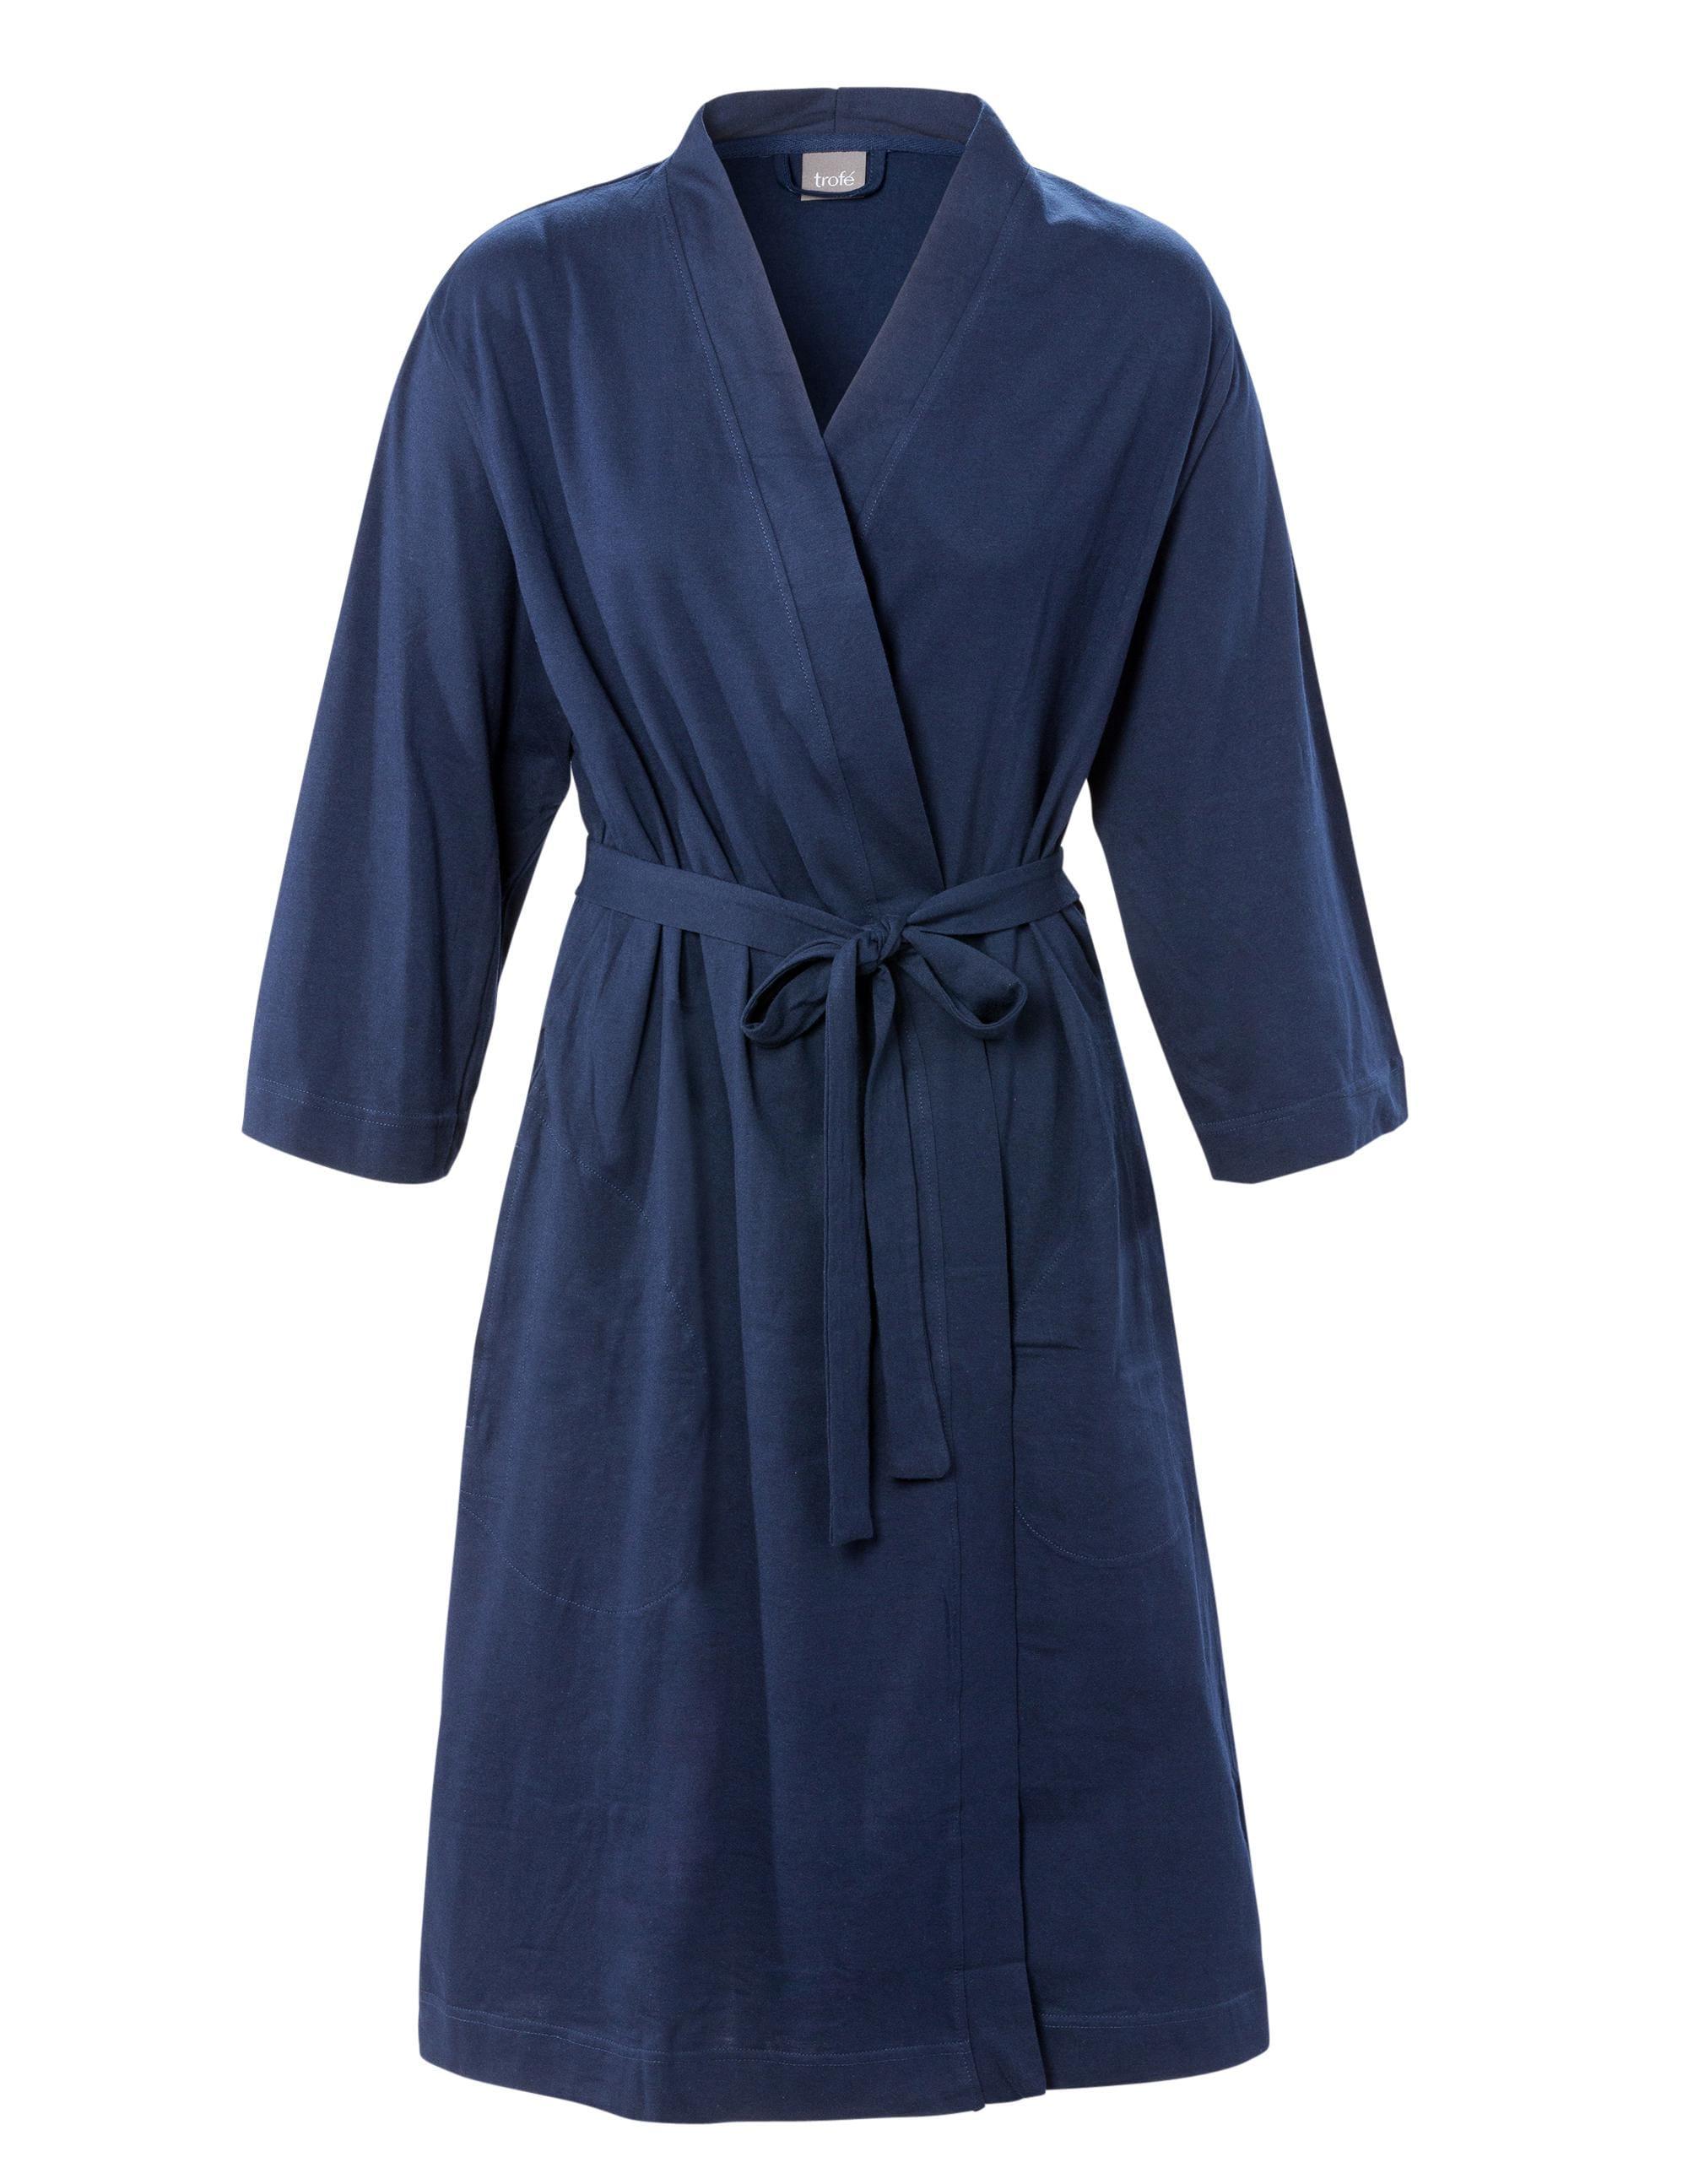 Kimono Bomull Marin